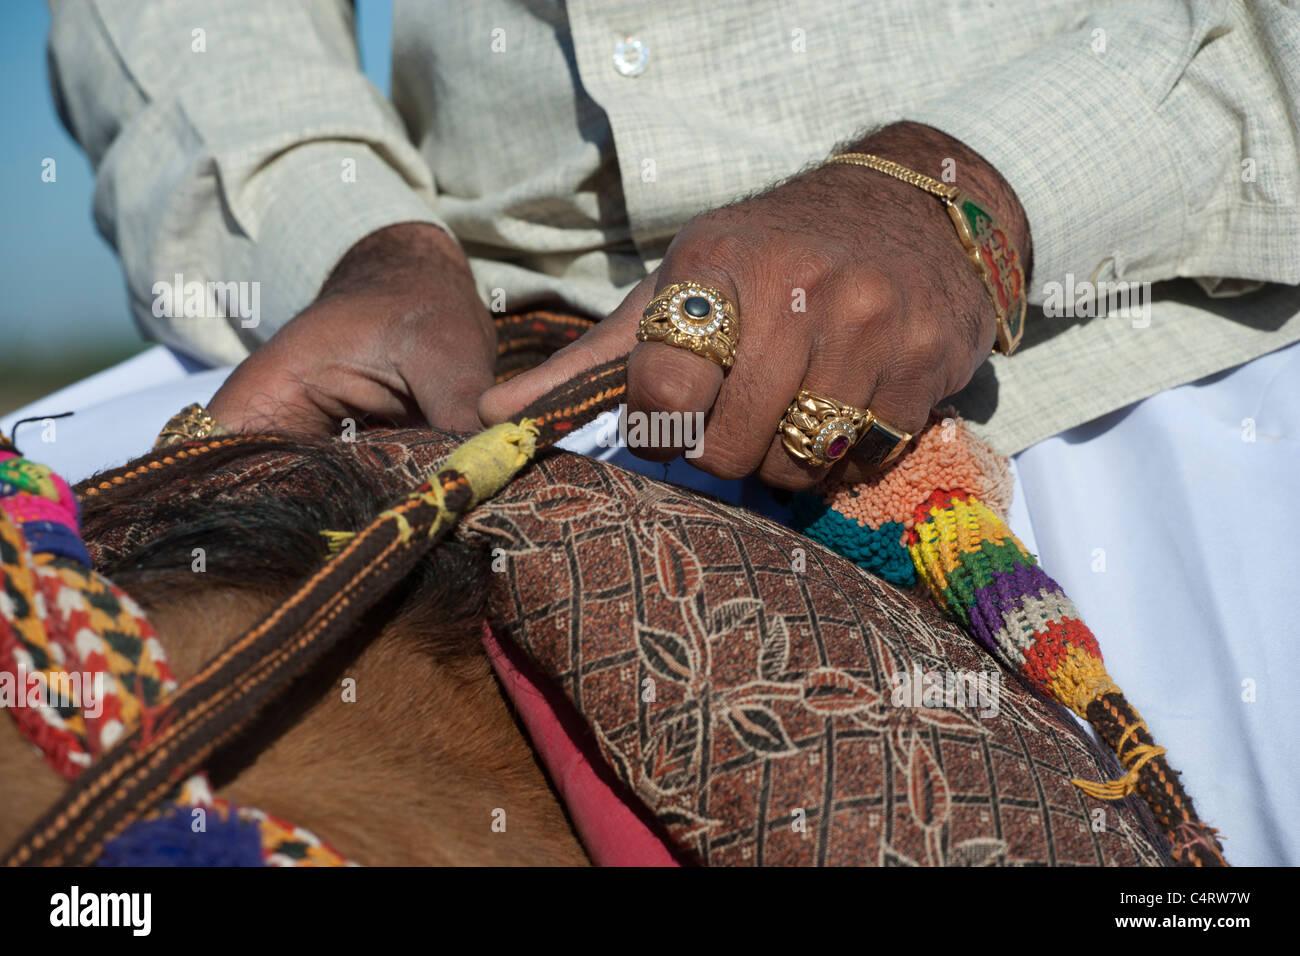 Kathiawari Horse India Animal Tradition - Stock Image